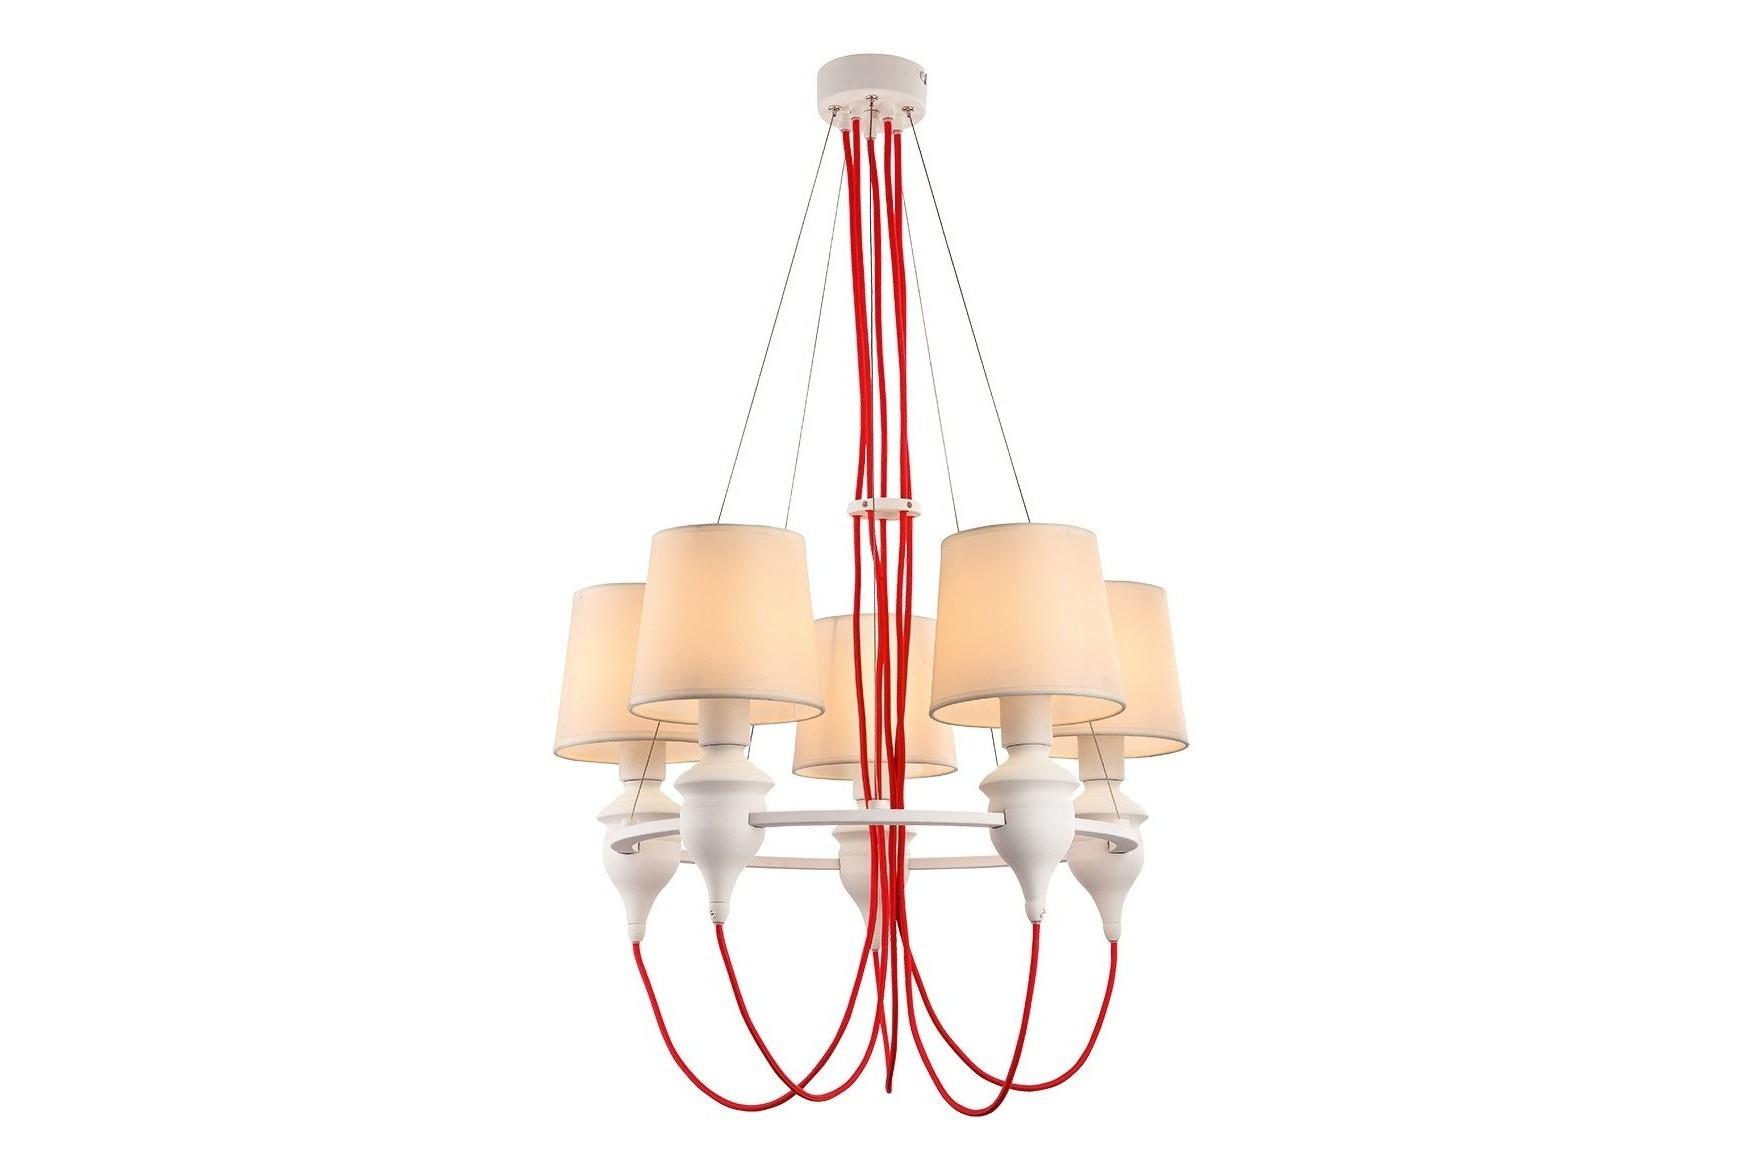 Светильник подвеснойЛюстры подвесные<br>&amp;lt;div&amp;gt;Цоколь: E14&amp;lt;/div&amp;gt;&amp;lt;div&amp;gt;Мощность лампы: 40W&amp;lt;/div&amp;gt;&amp;lt;div&amp;gt;Количество ламп: 5&amp;lt;/div&amp;gt;<br><br>Material: Металл<br>Высота см: 90